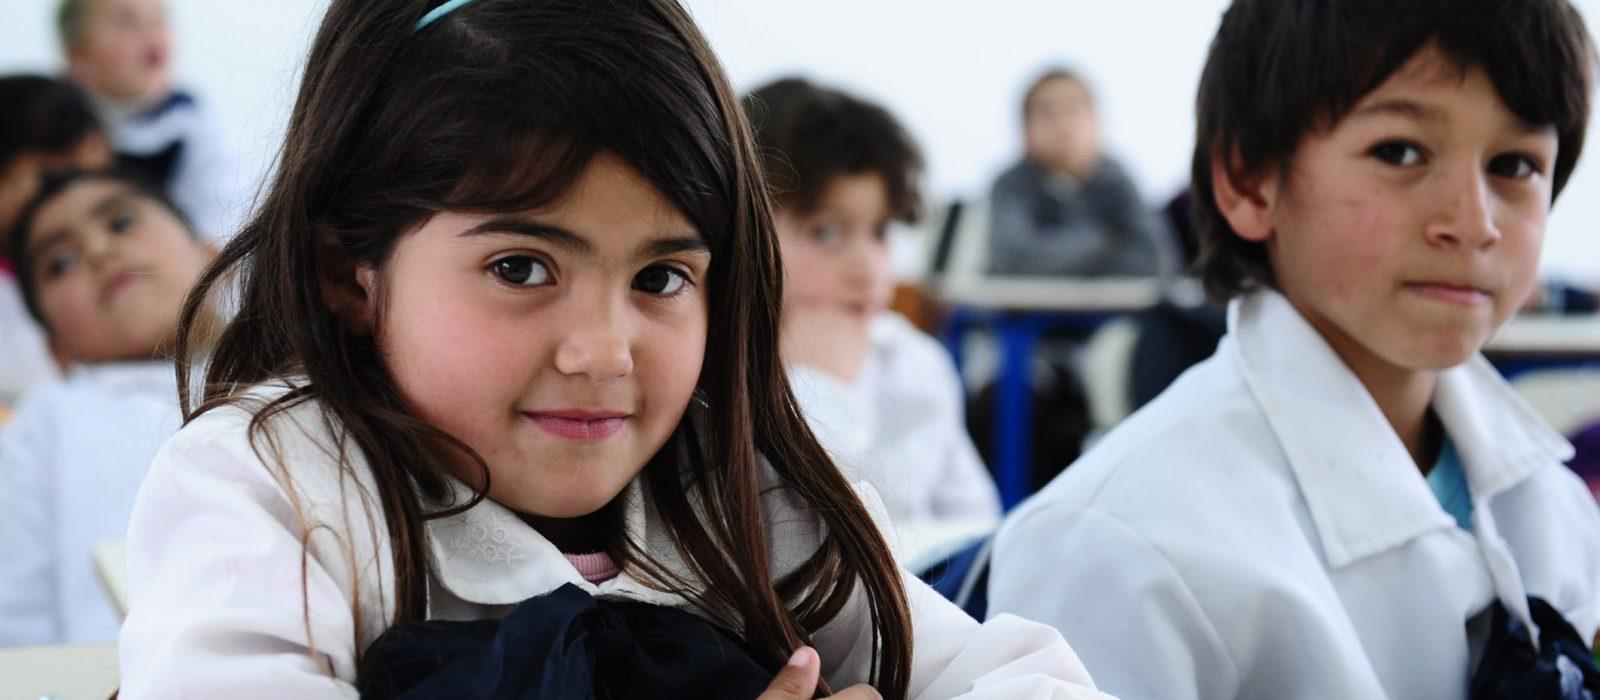 Casen 2015: Chilenos estudian 11 años en promedio